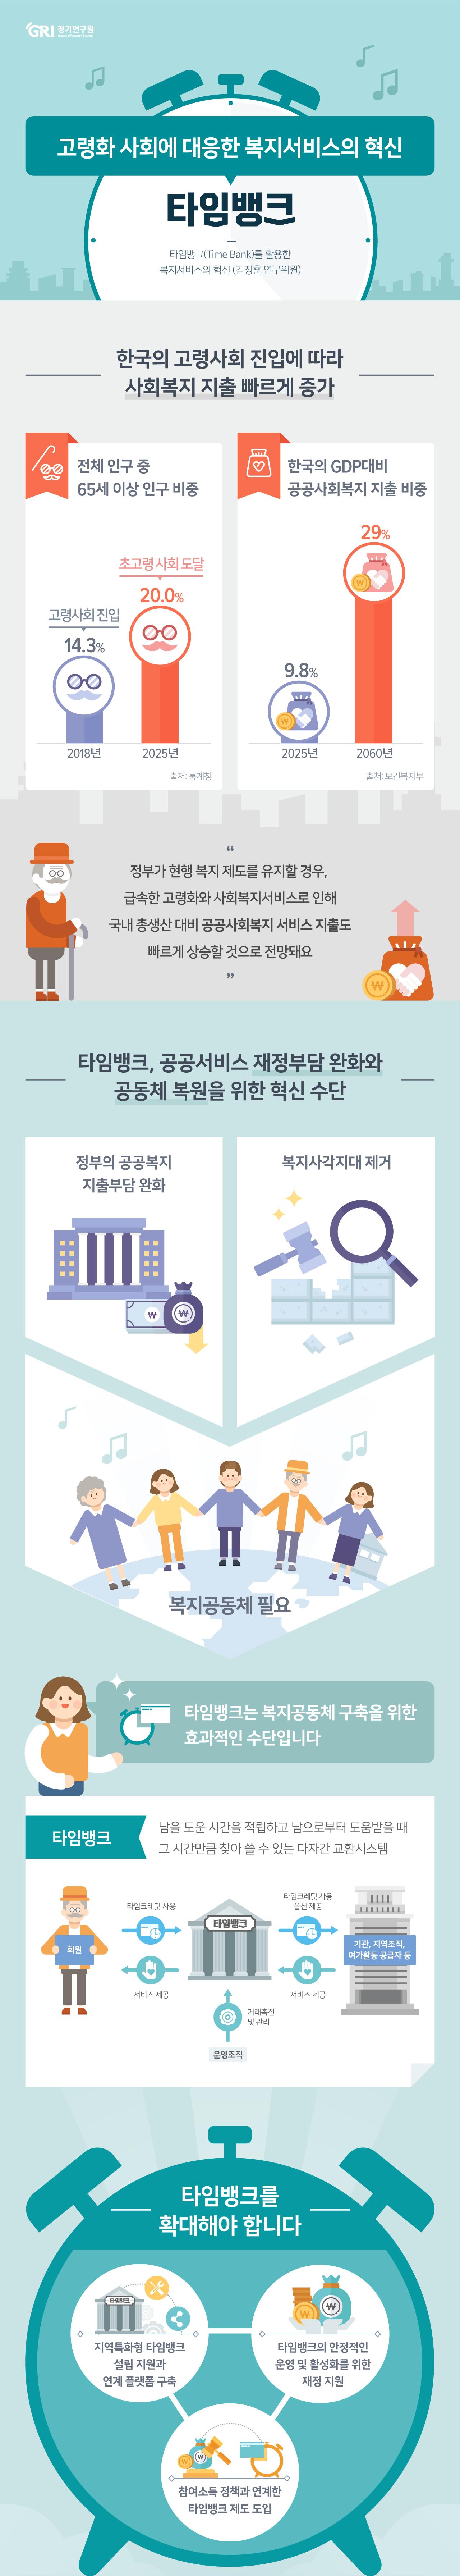 고령화 사회에 대응한 복지서비스의 혁신, 타임뱅크